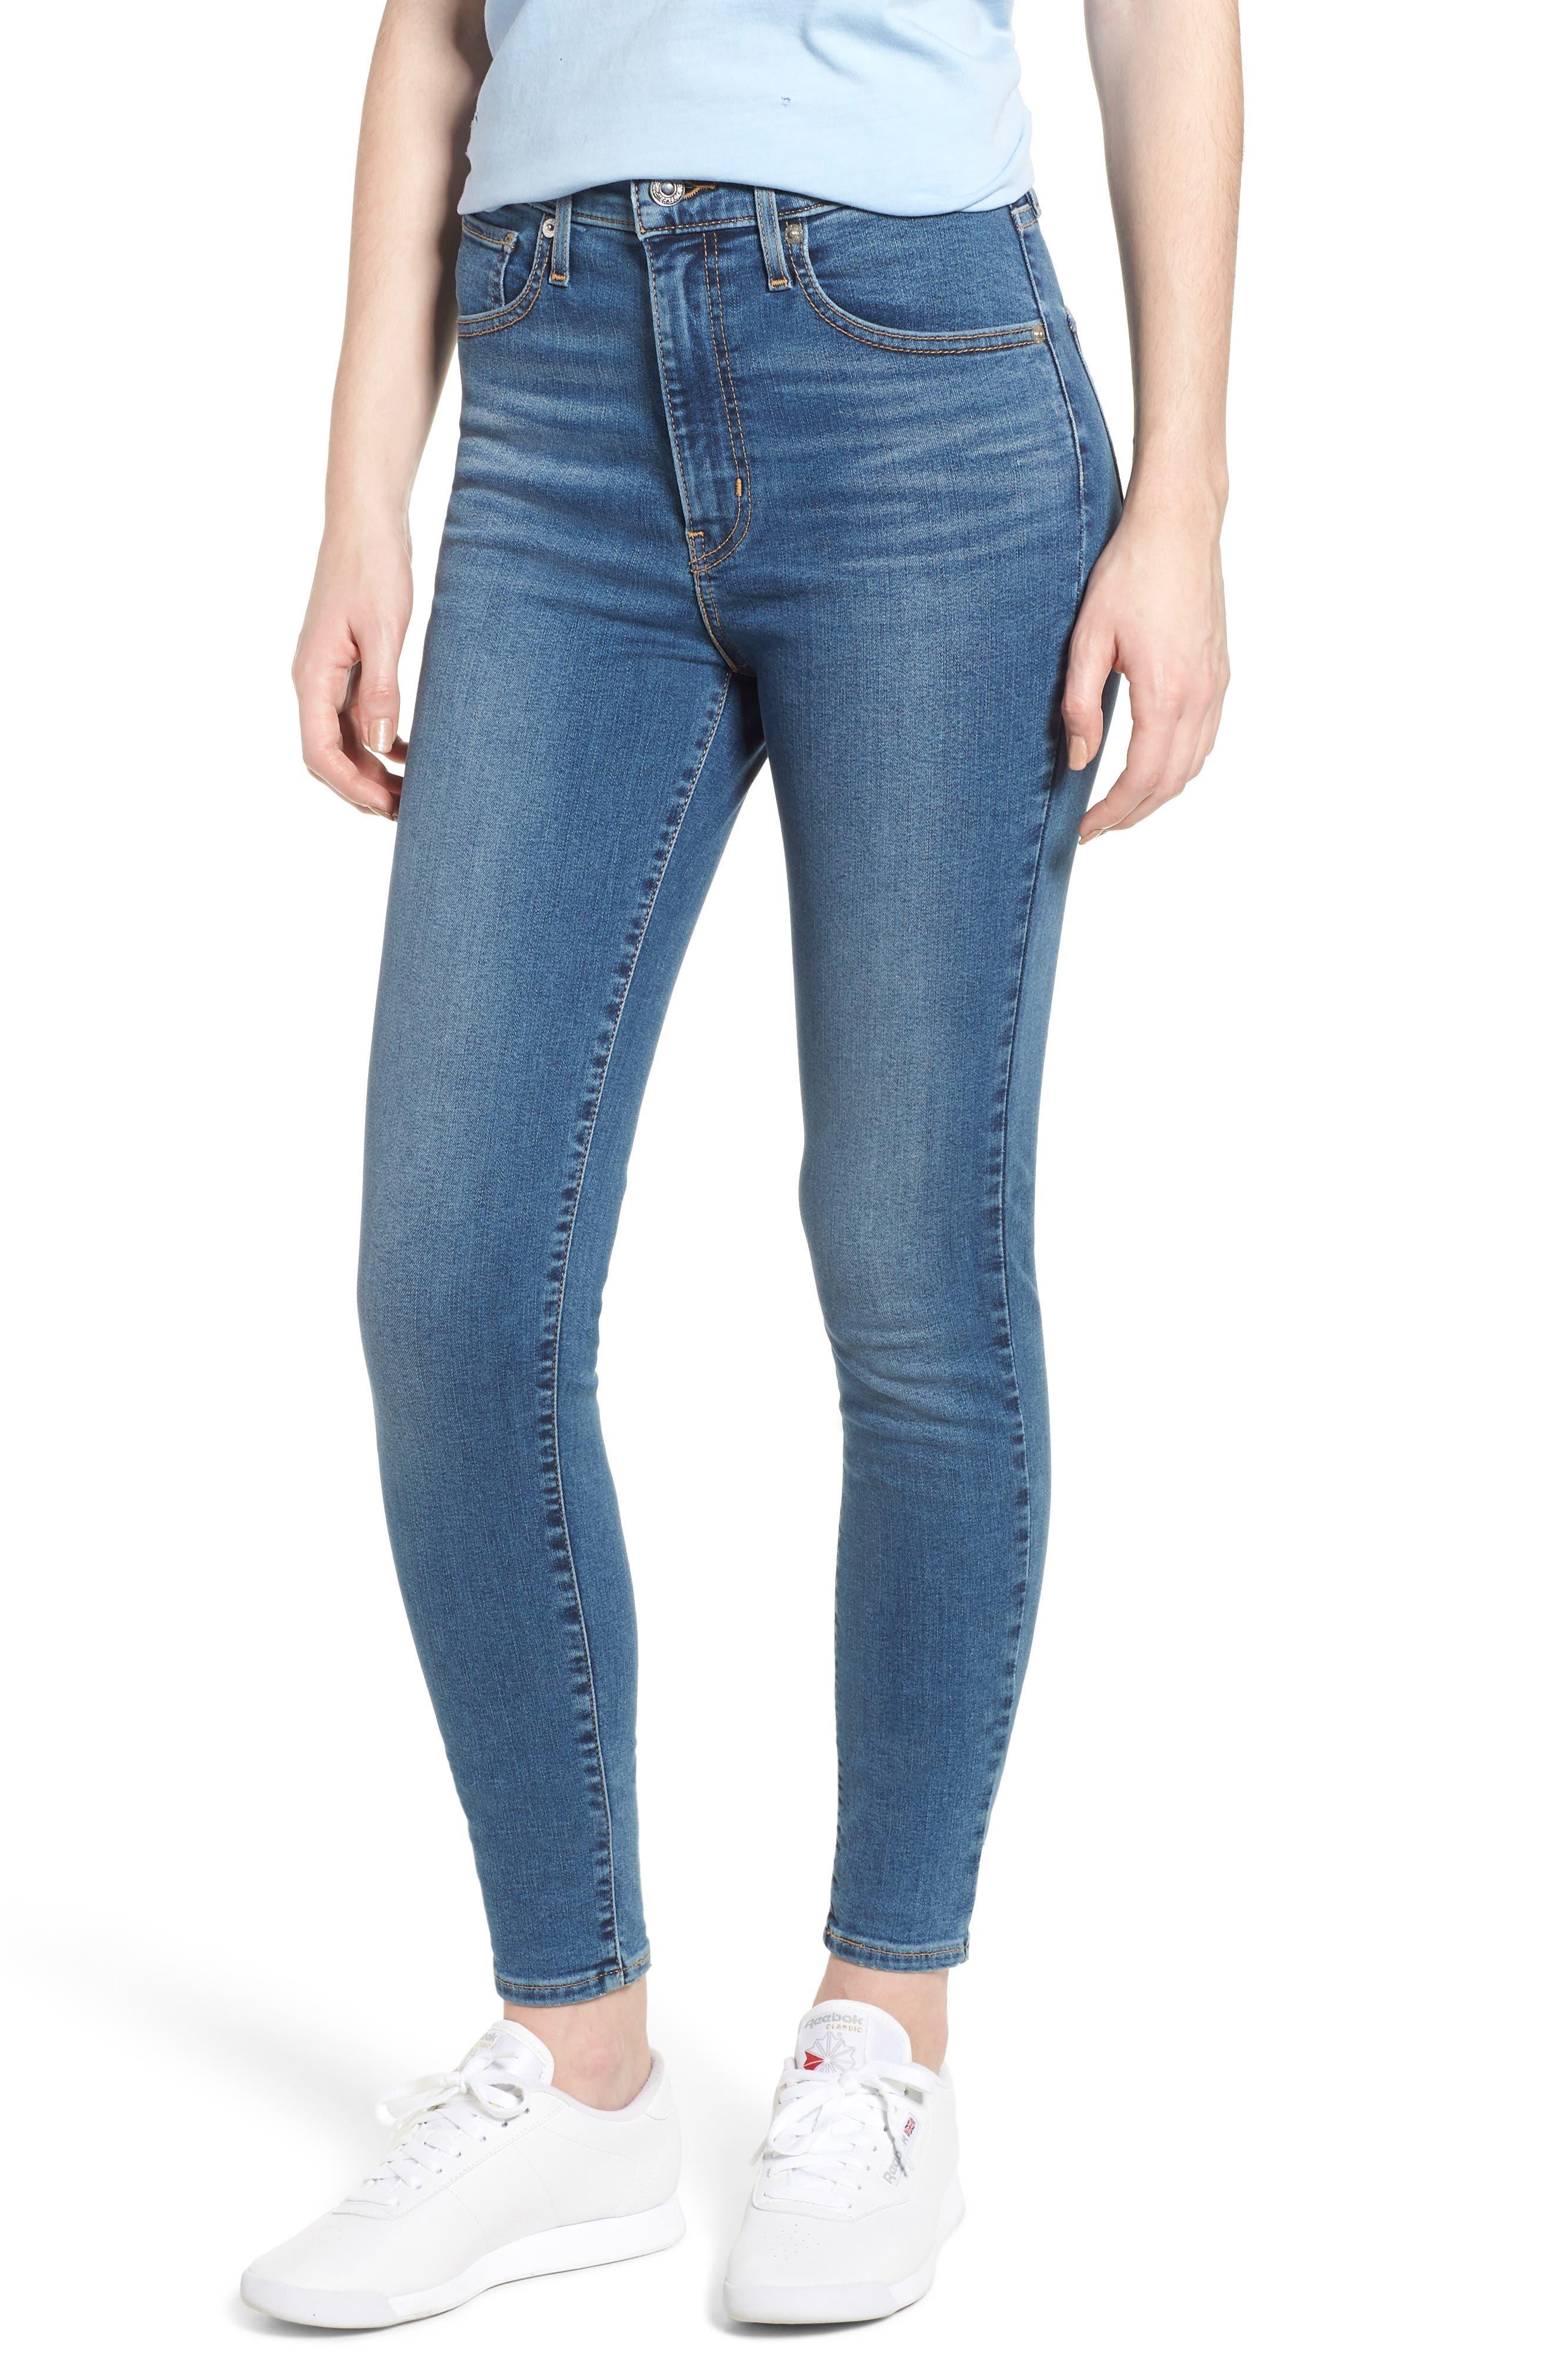 Mile High Super Skinny Jeans,                         Main,                         color, MED BLUE 1